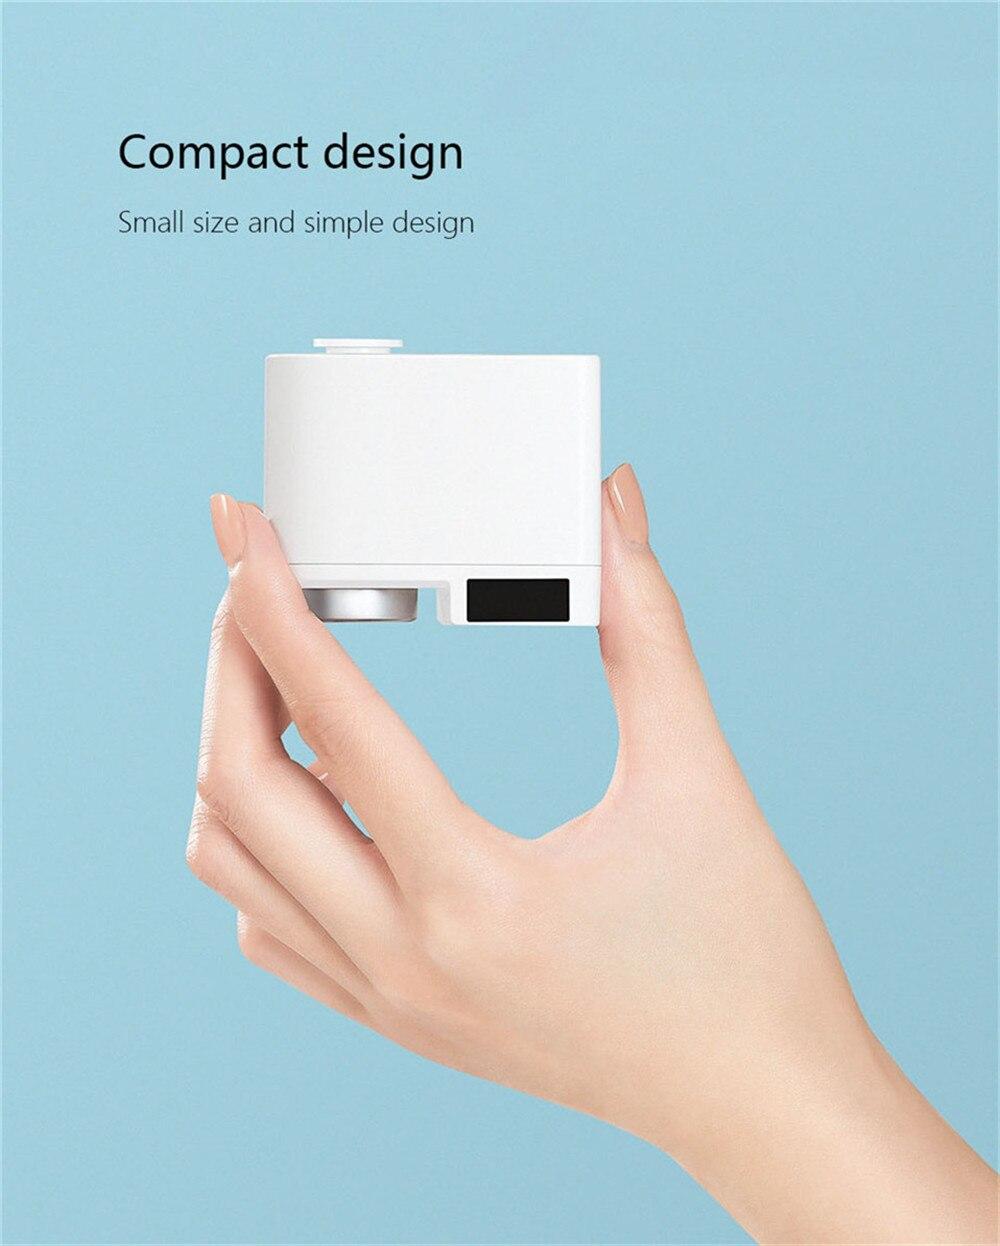 Новый Xiaomi Youpin автоматический водосберегающий кран, умный датчик смесителя, инфракрасное устройство для энергосбережения воды, кухонная насадка, кран